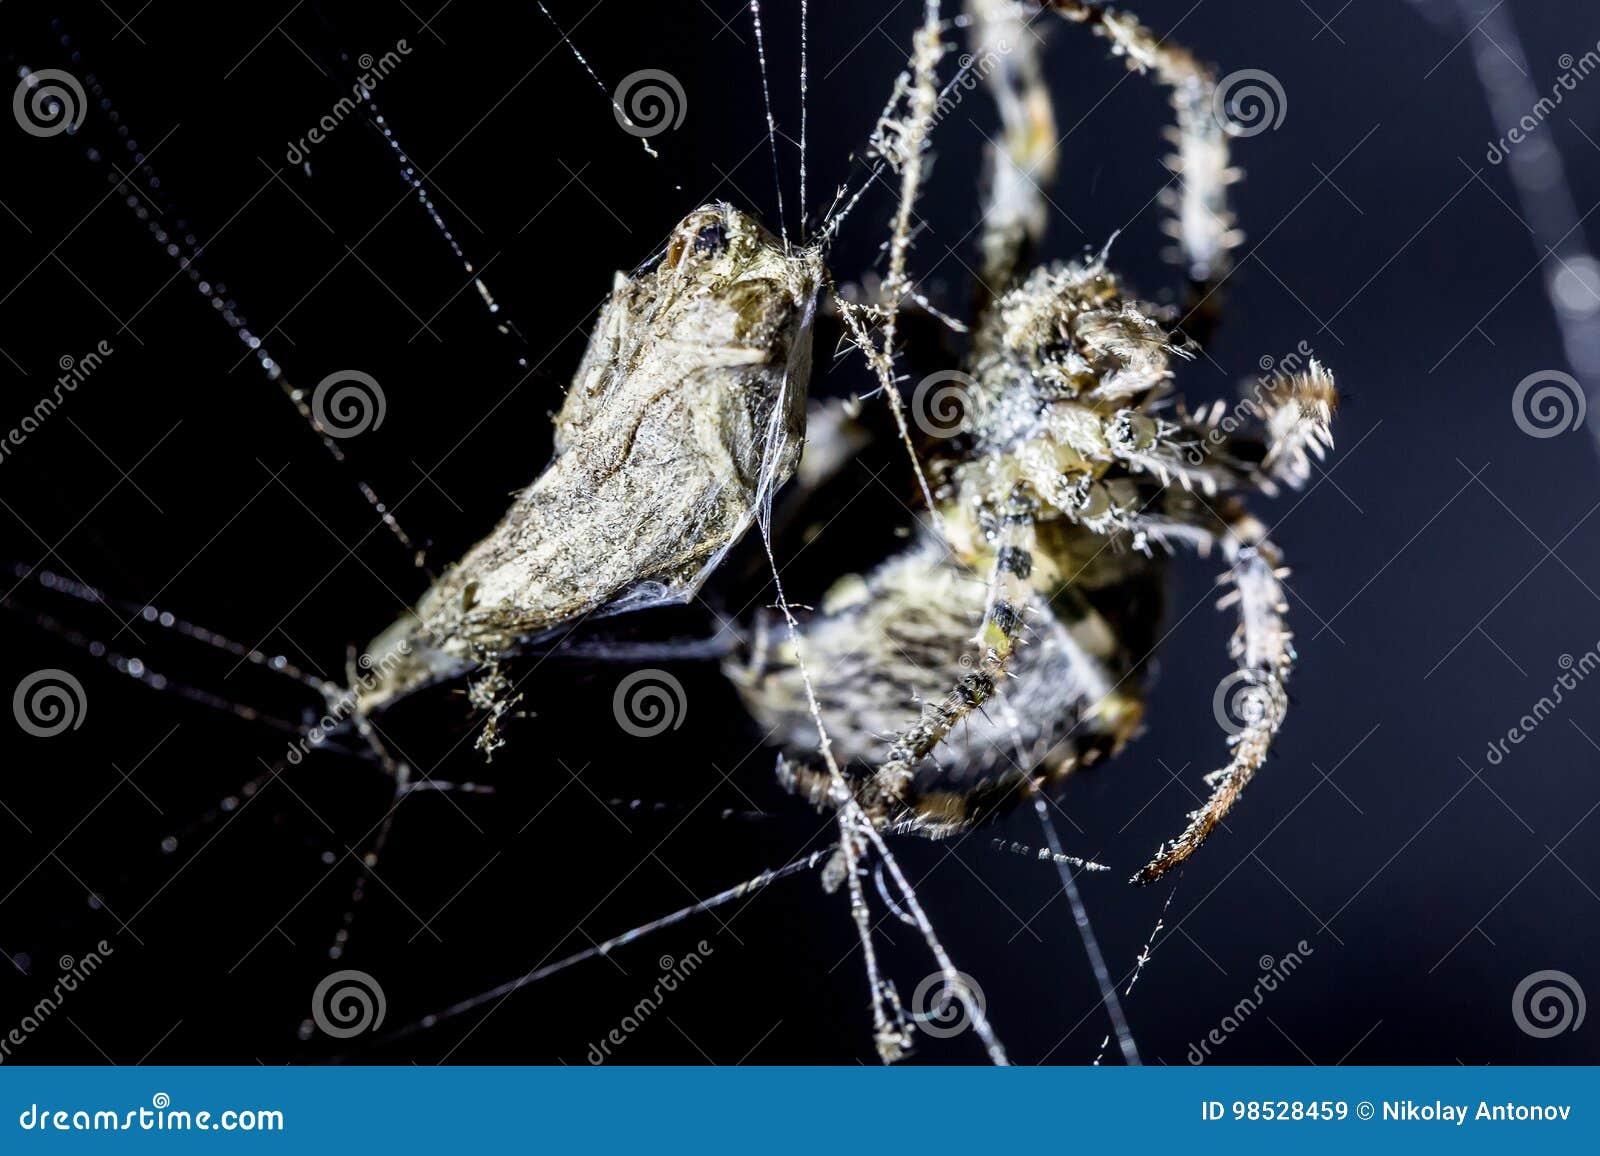 Θυσία πεταλούδων επιθέσεων αραχνών στον Ιστό αραχνών ` s στο μαύρο υπόβαθρο Arachnid στον Ιστό Ακραία στενή επάνω μακρο εικόνα